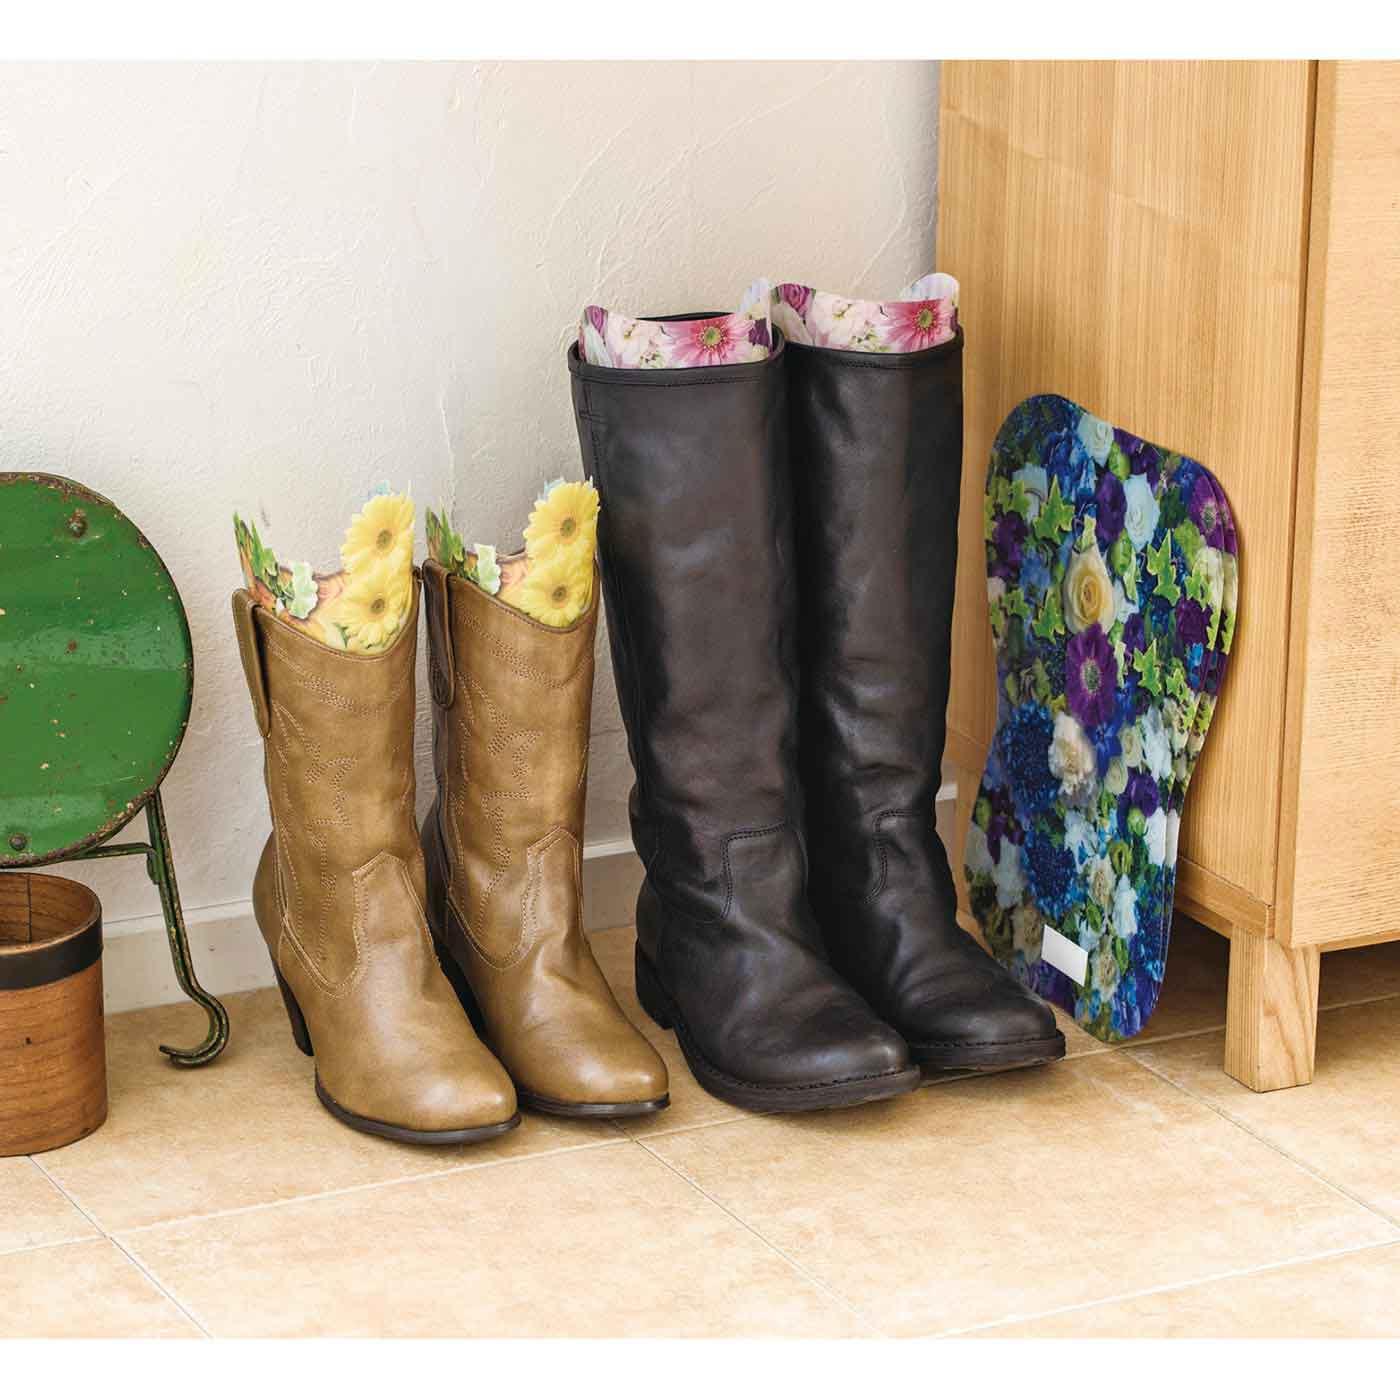 収納場所をとらない薄型シート。靴箱にしまえば靴箱のにおい対策にも。